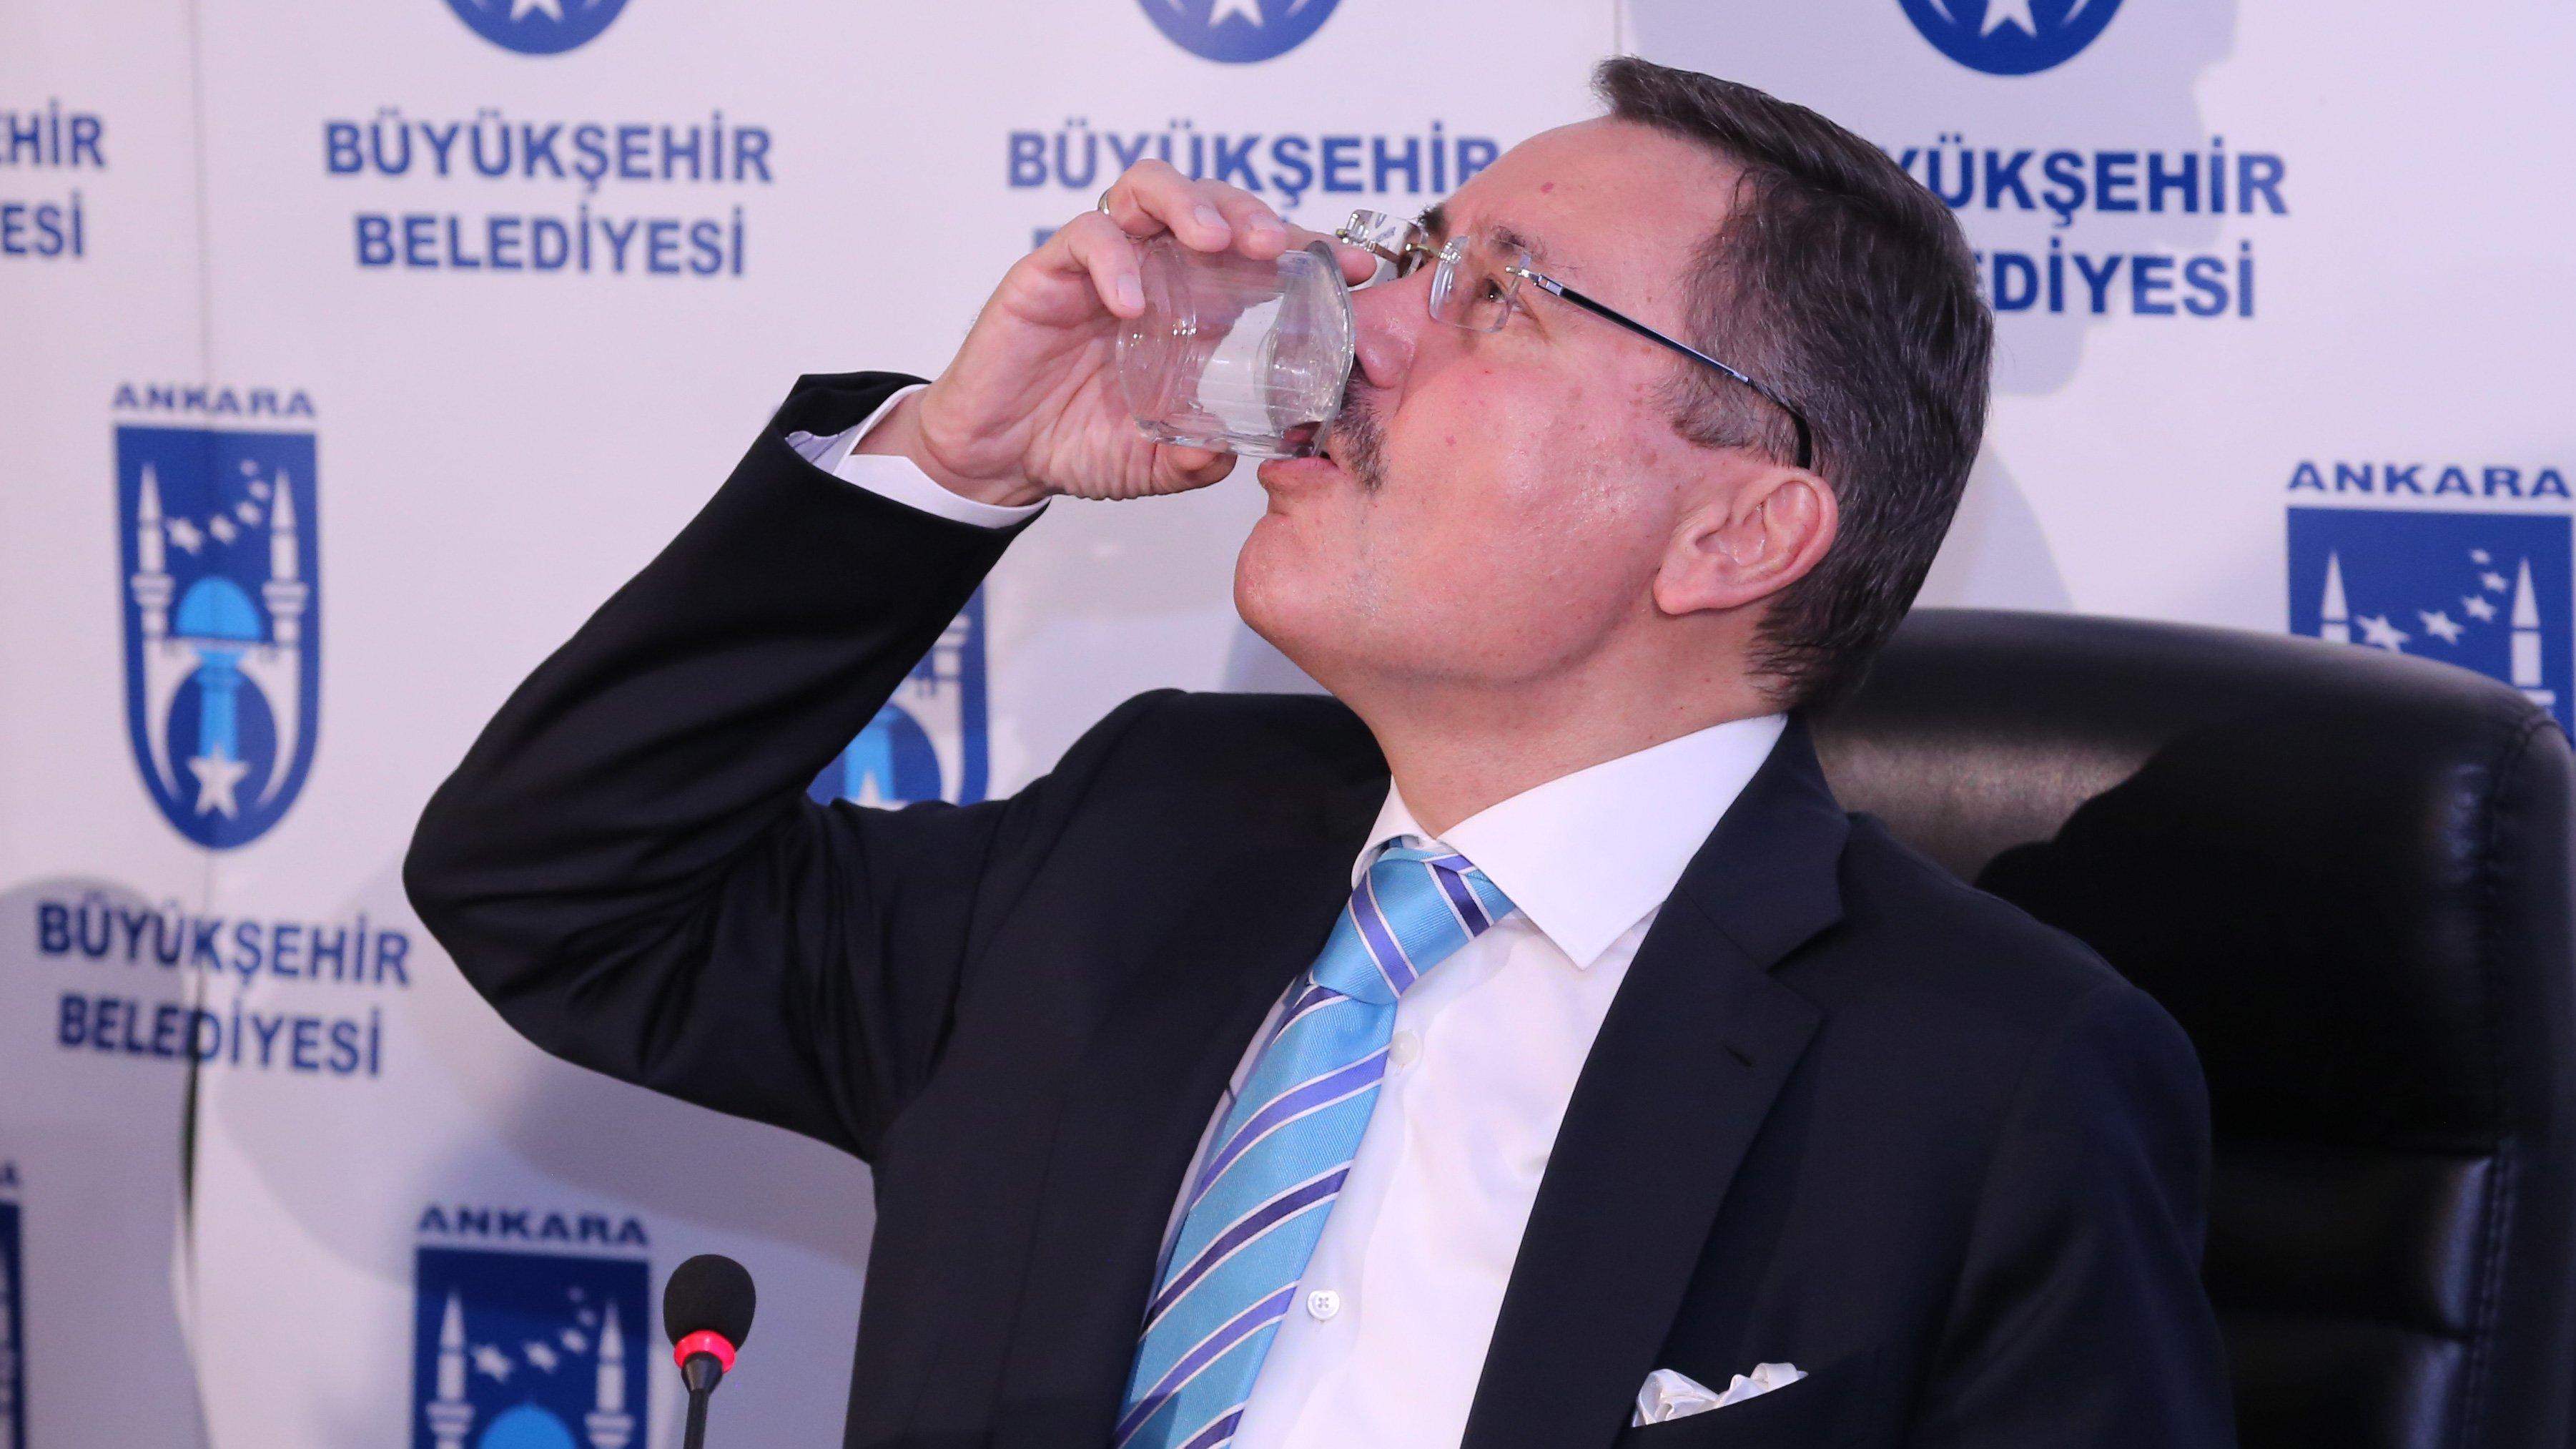 Melih Gökçek'in ardından Ankara'da su faturalarında indirim